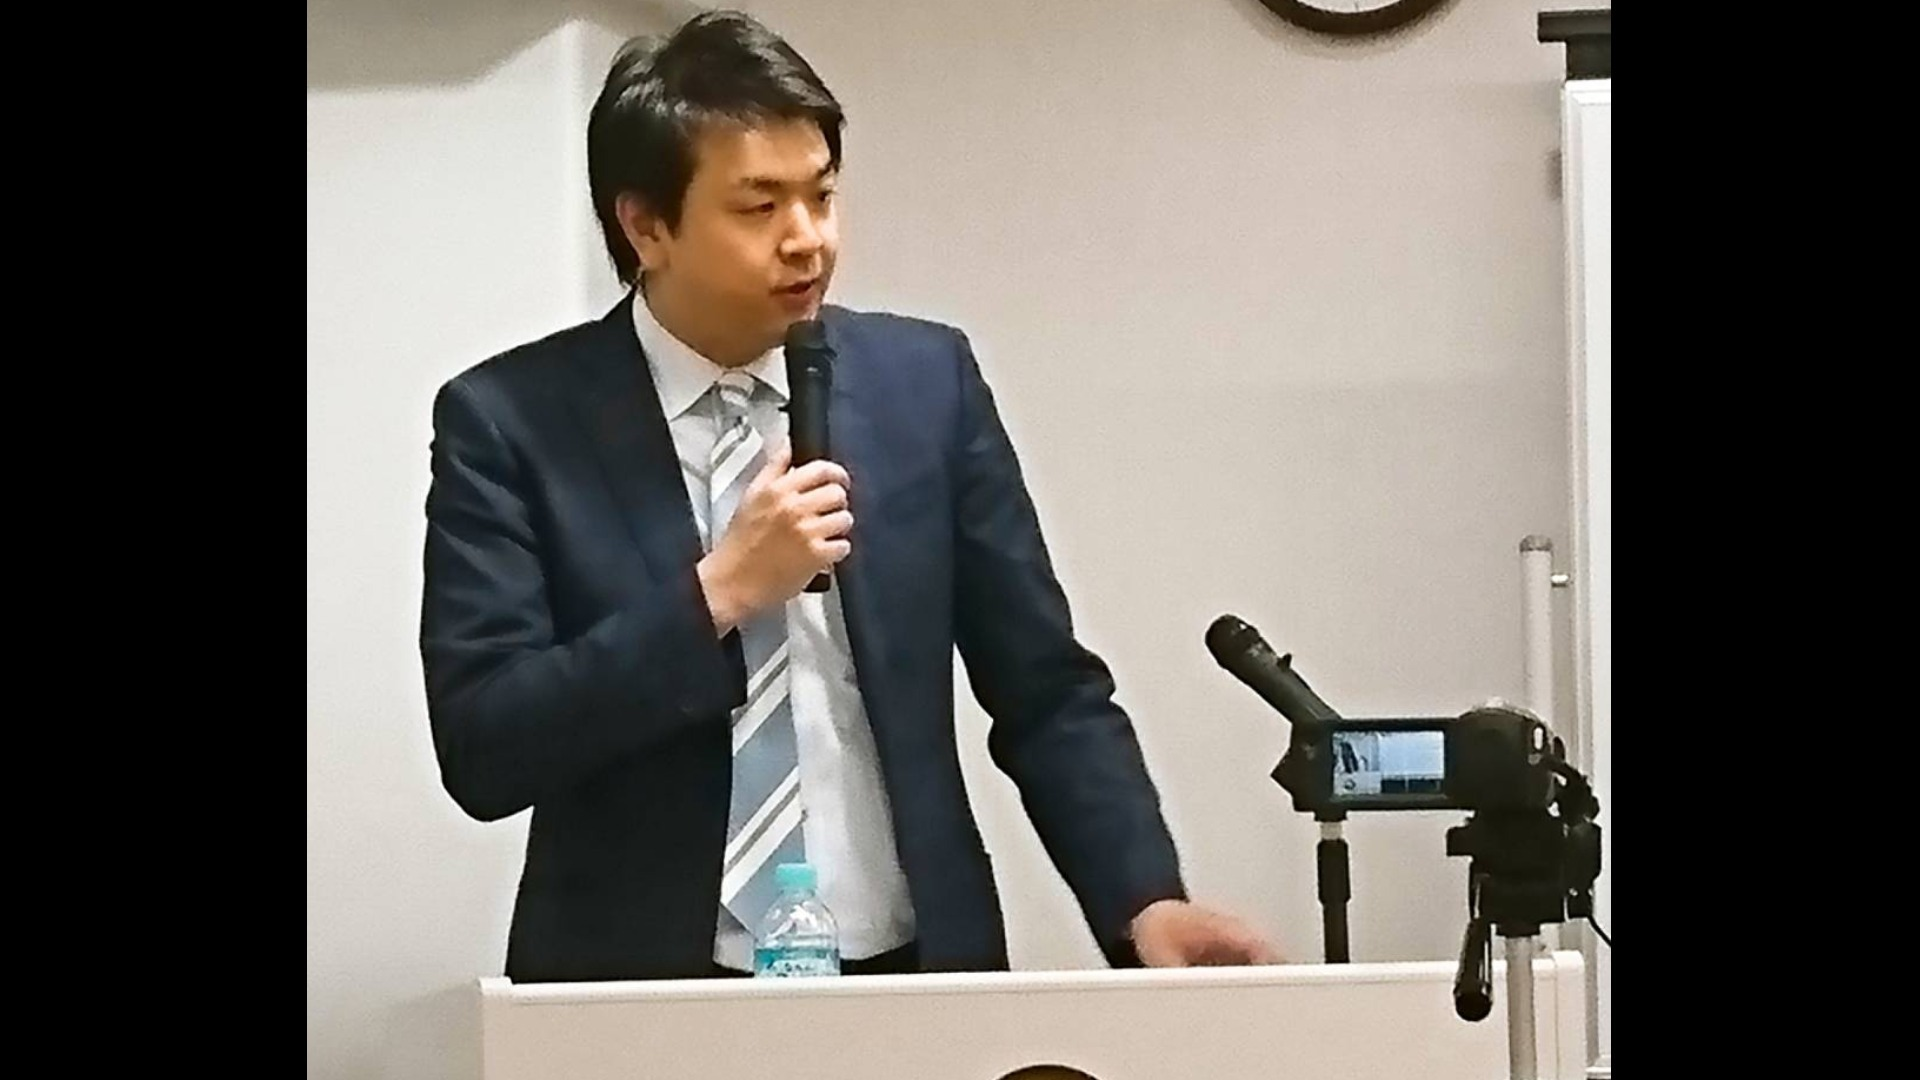 法学編入オンラインサロン オーナー 安田貴行